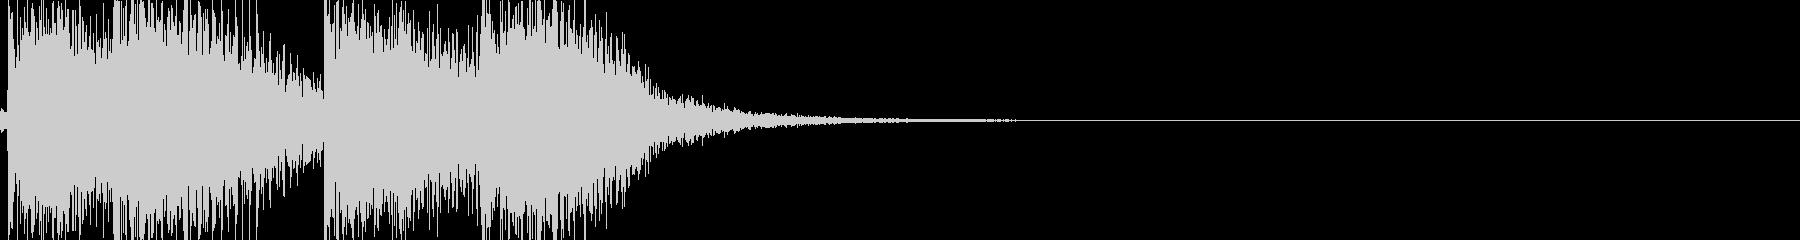 弦のみ オーケストラヒット 旋律の未再生の波形